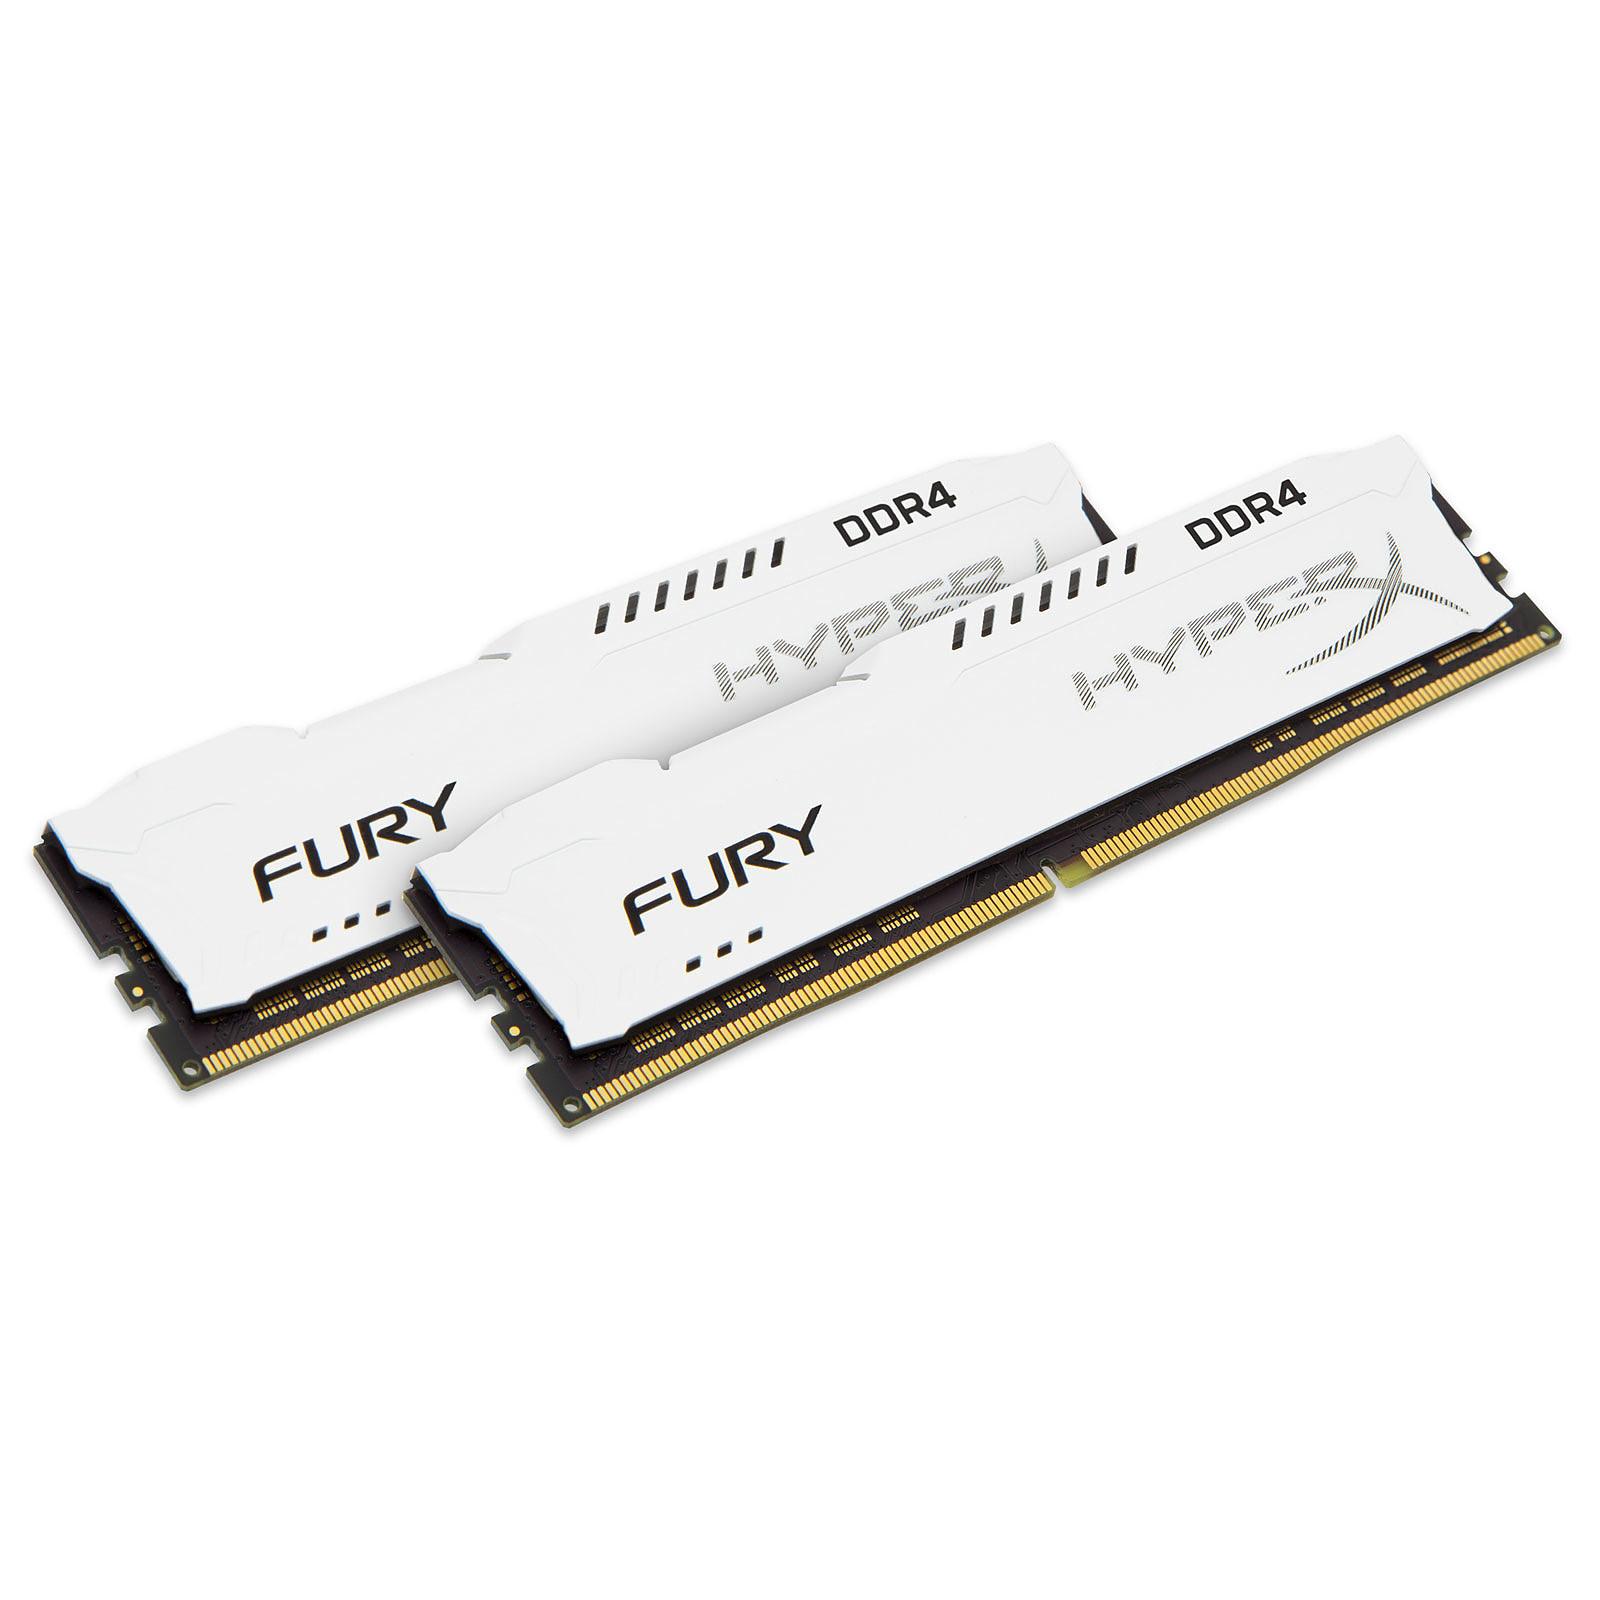 HyperX Fury Blanc 16 Go (2x 8Go) DDR4 2400 MHz CL15